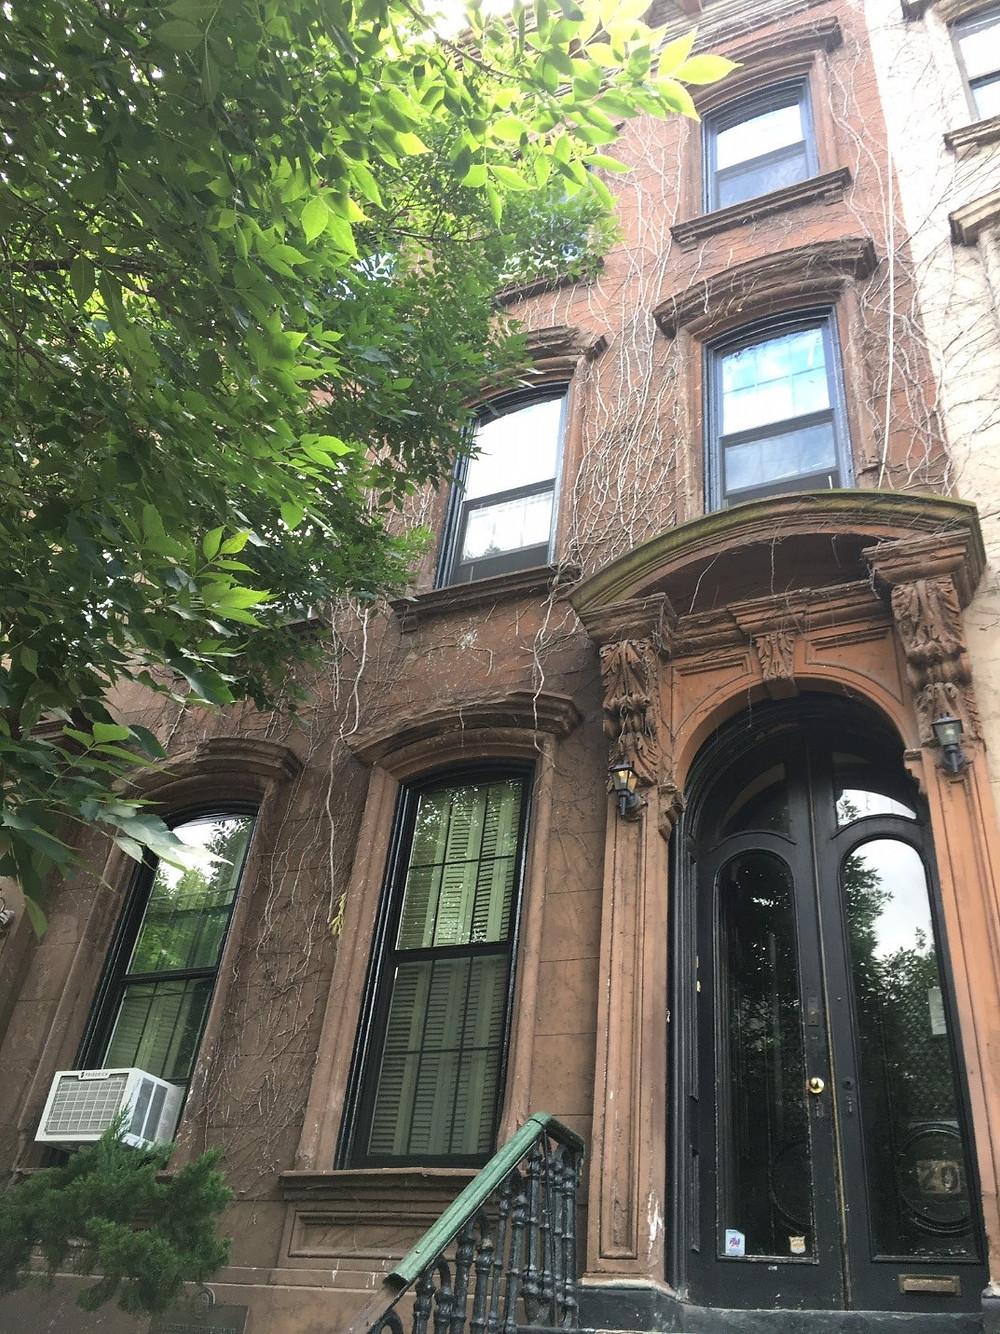 Langston Hughes' Harlem home get preservation grant